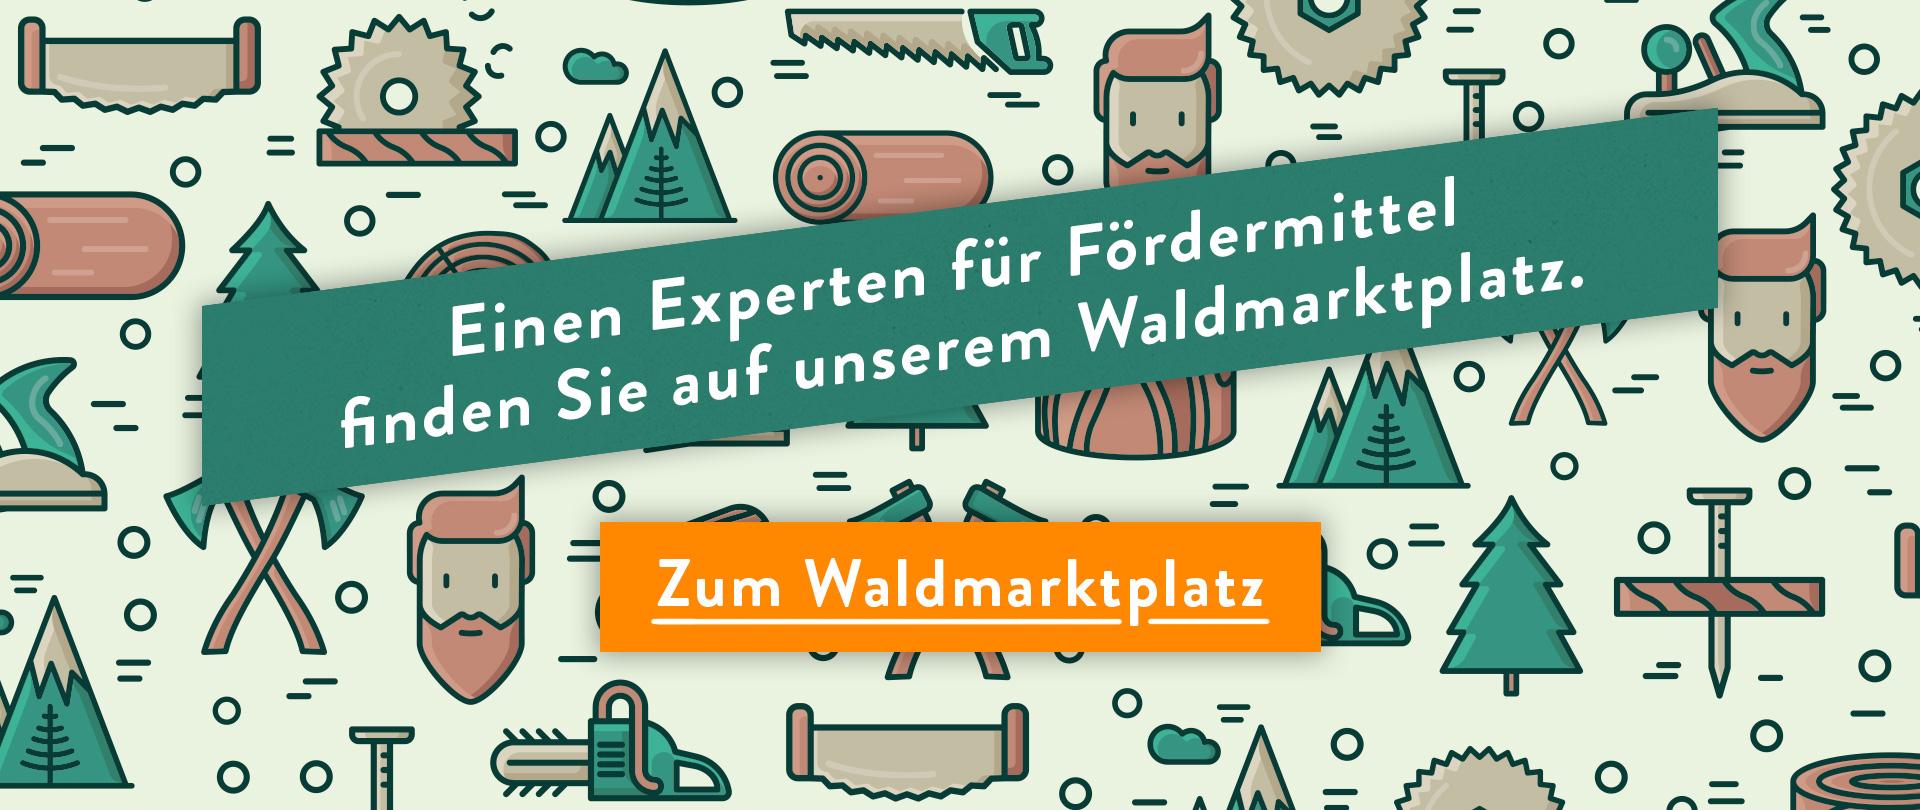 Einen Experten für Fördermittel finden Sie auf unserem Waldmarktplatz.